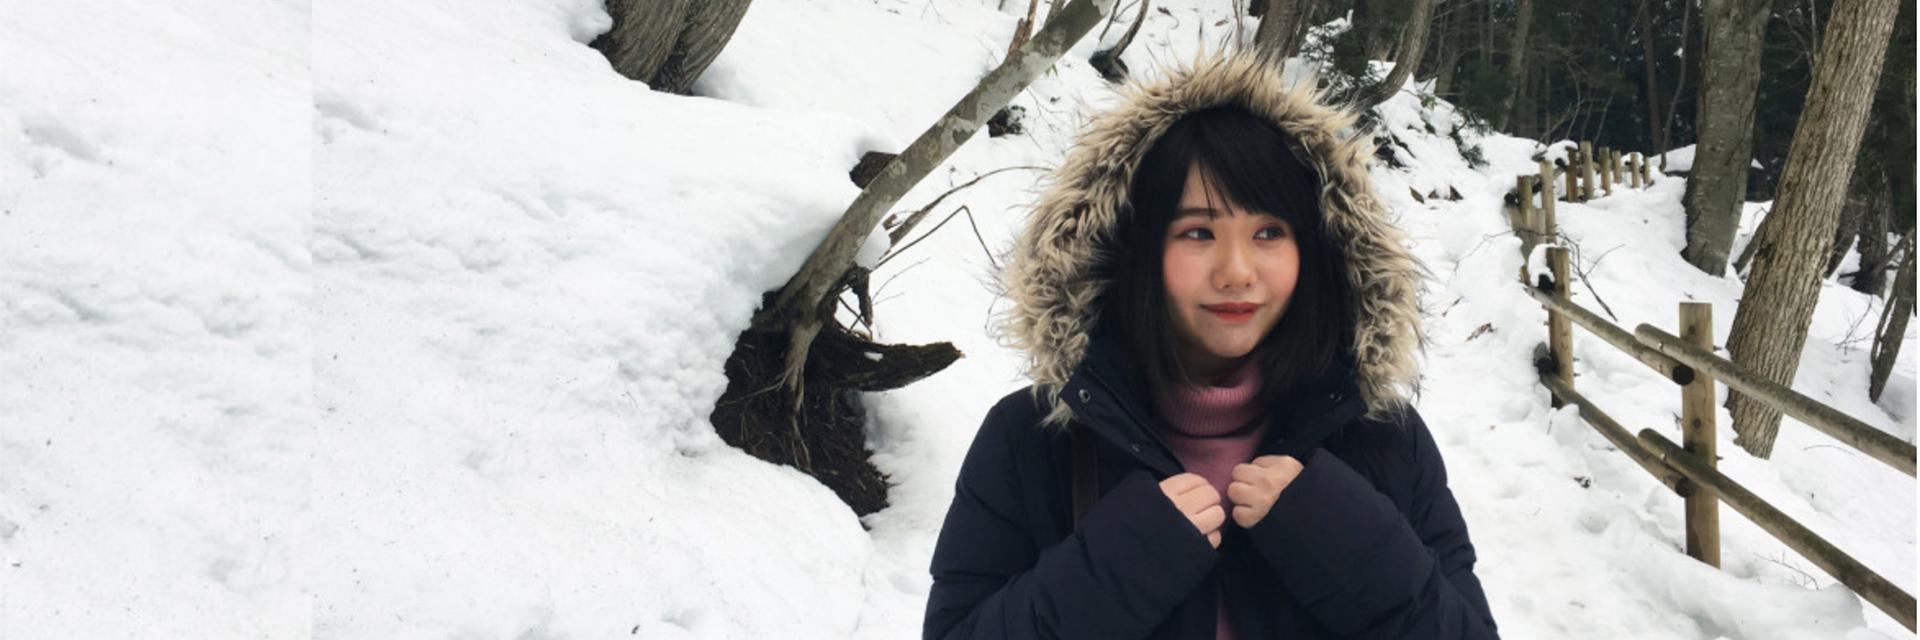 4個理由讓你愛上福島!美食轟炸 + 美哭雪景 double 衝擊,差點就要跟灣灣分手啦~